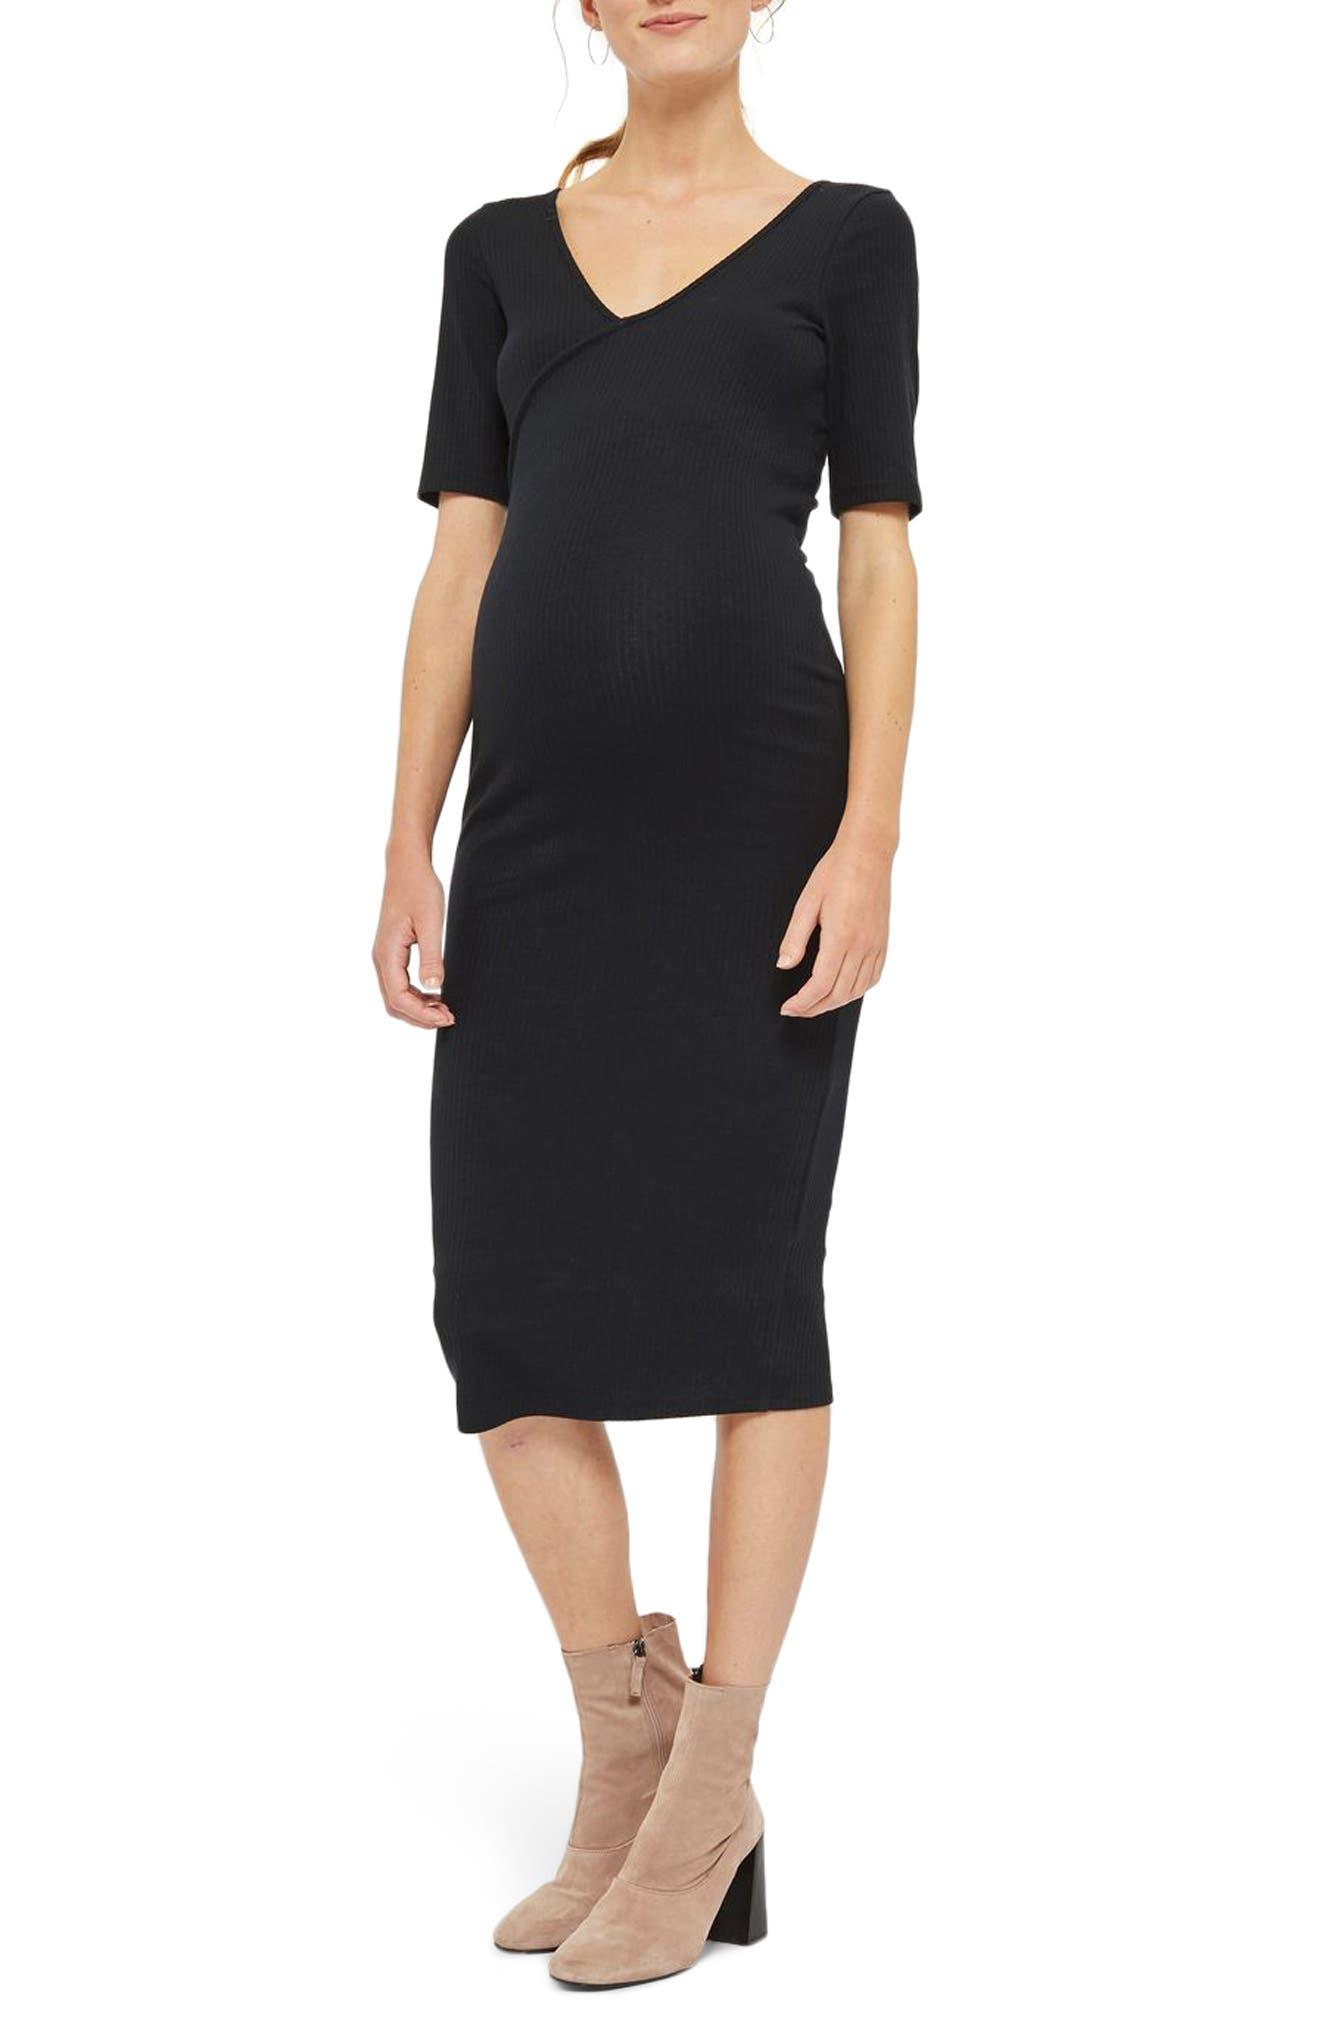 Topshop Kaia Bodycon Maternity Midi Dress